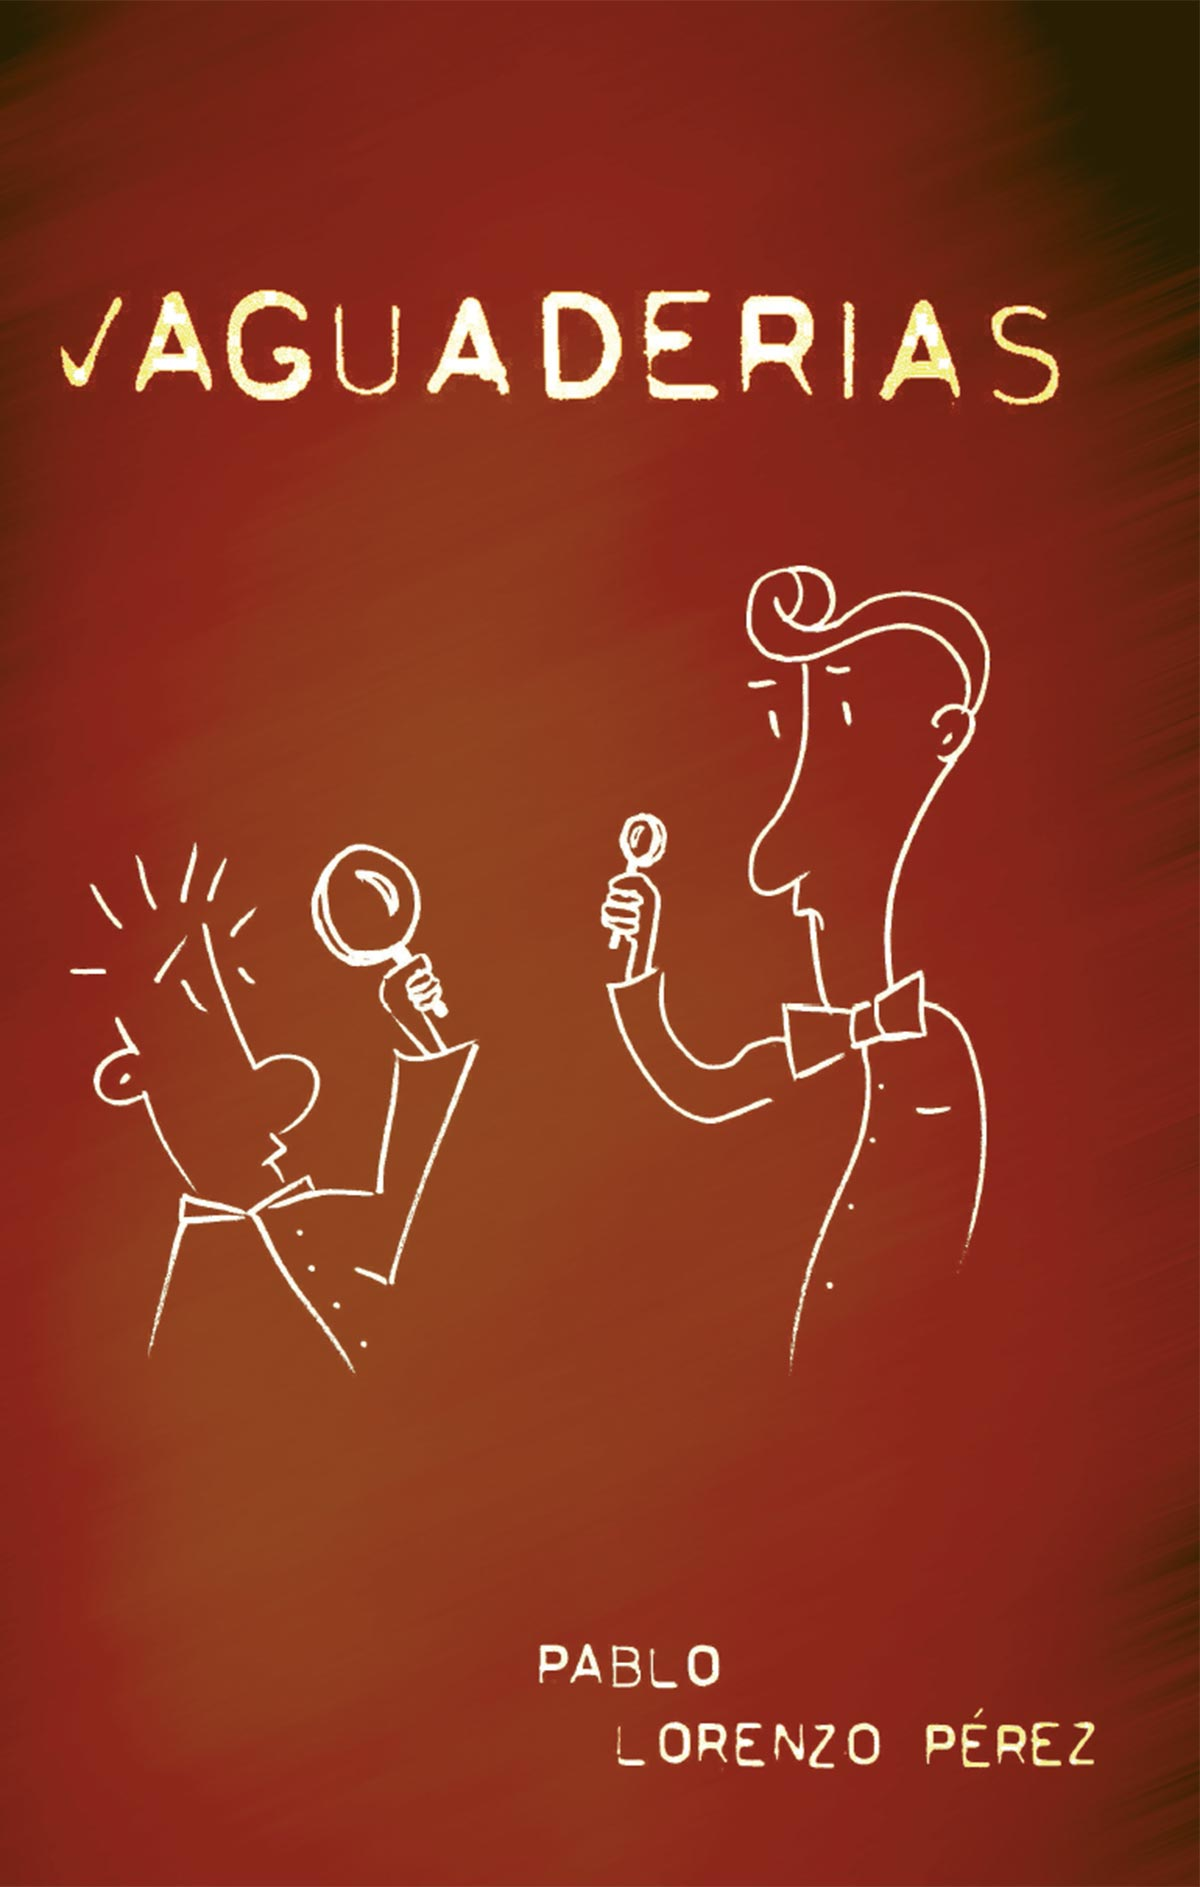 vaguaderias-pablo-lorenzo-perez-editorial-semuret